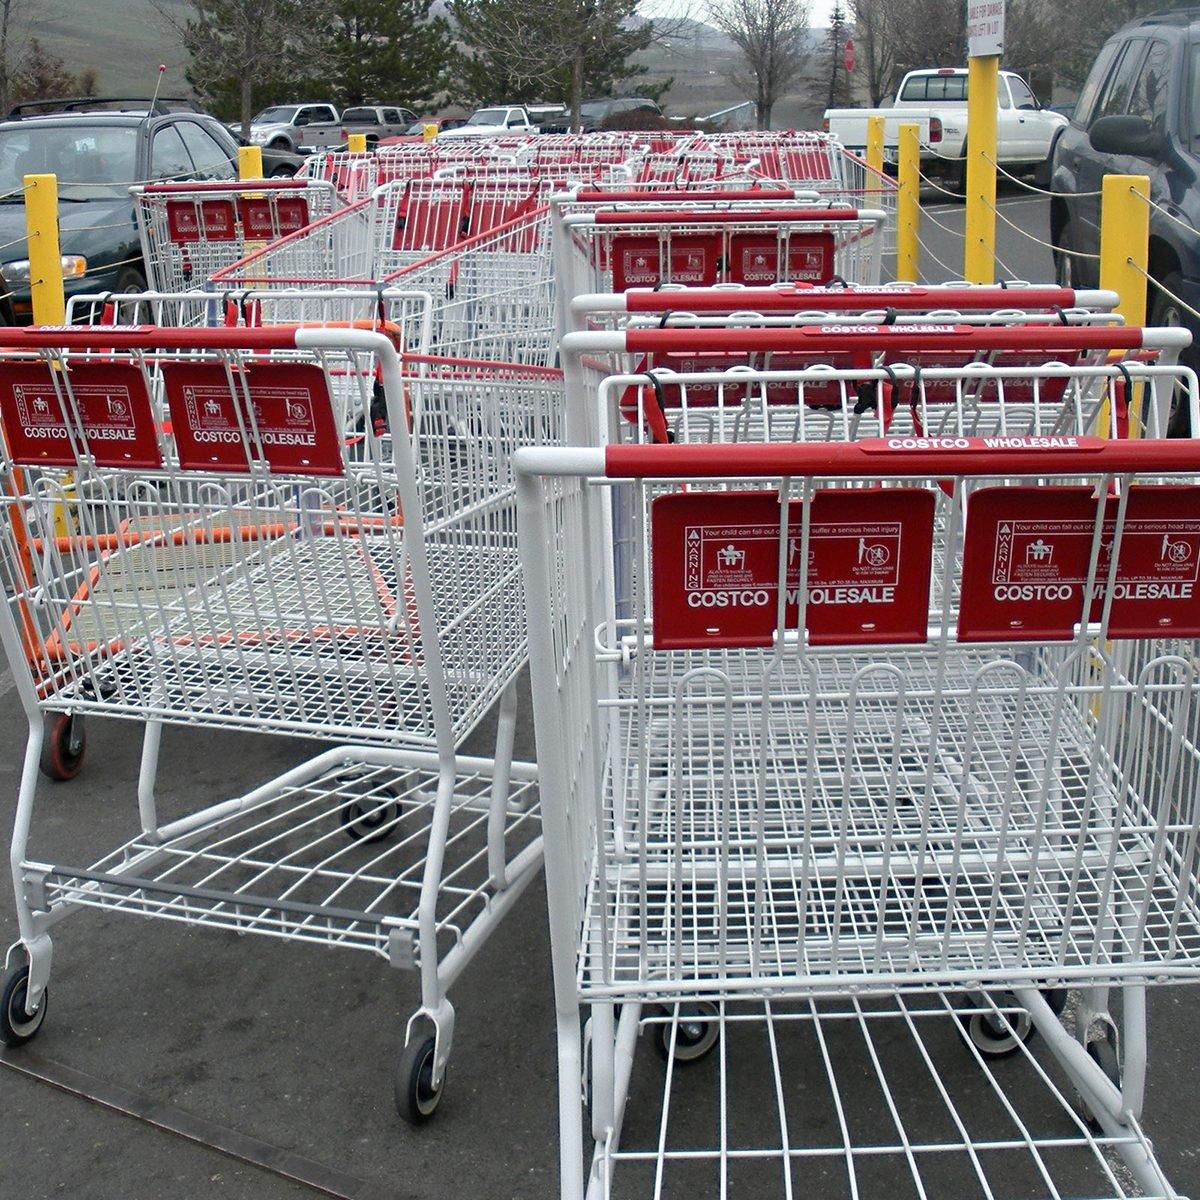 Carts at Costco